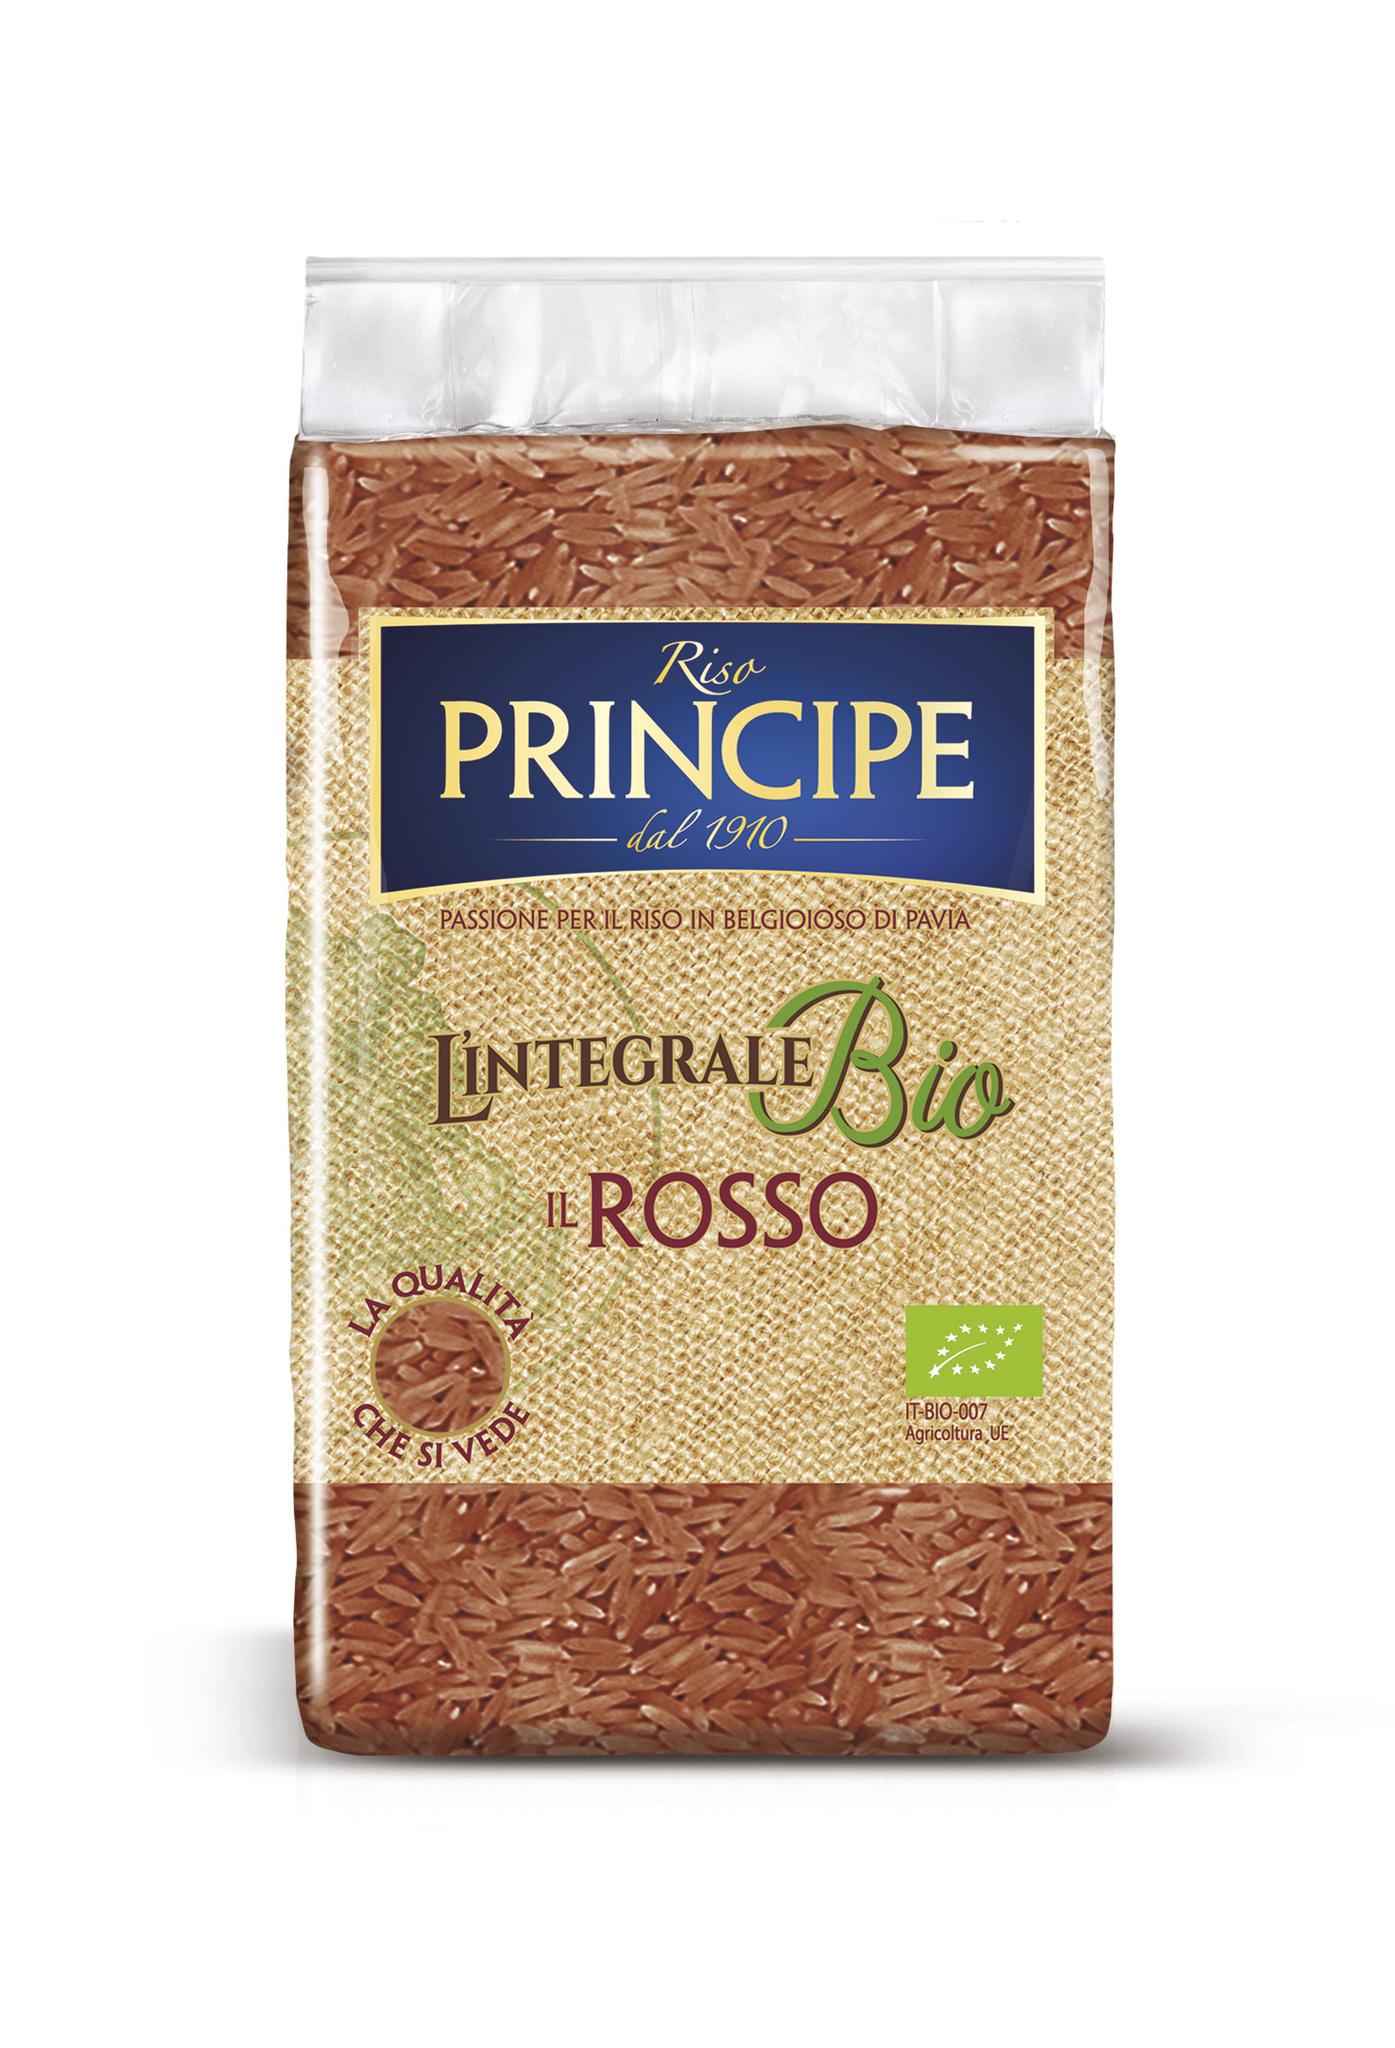 Rice Rosso Riso Principe